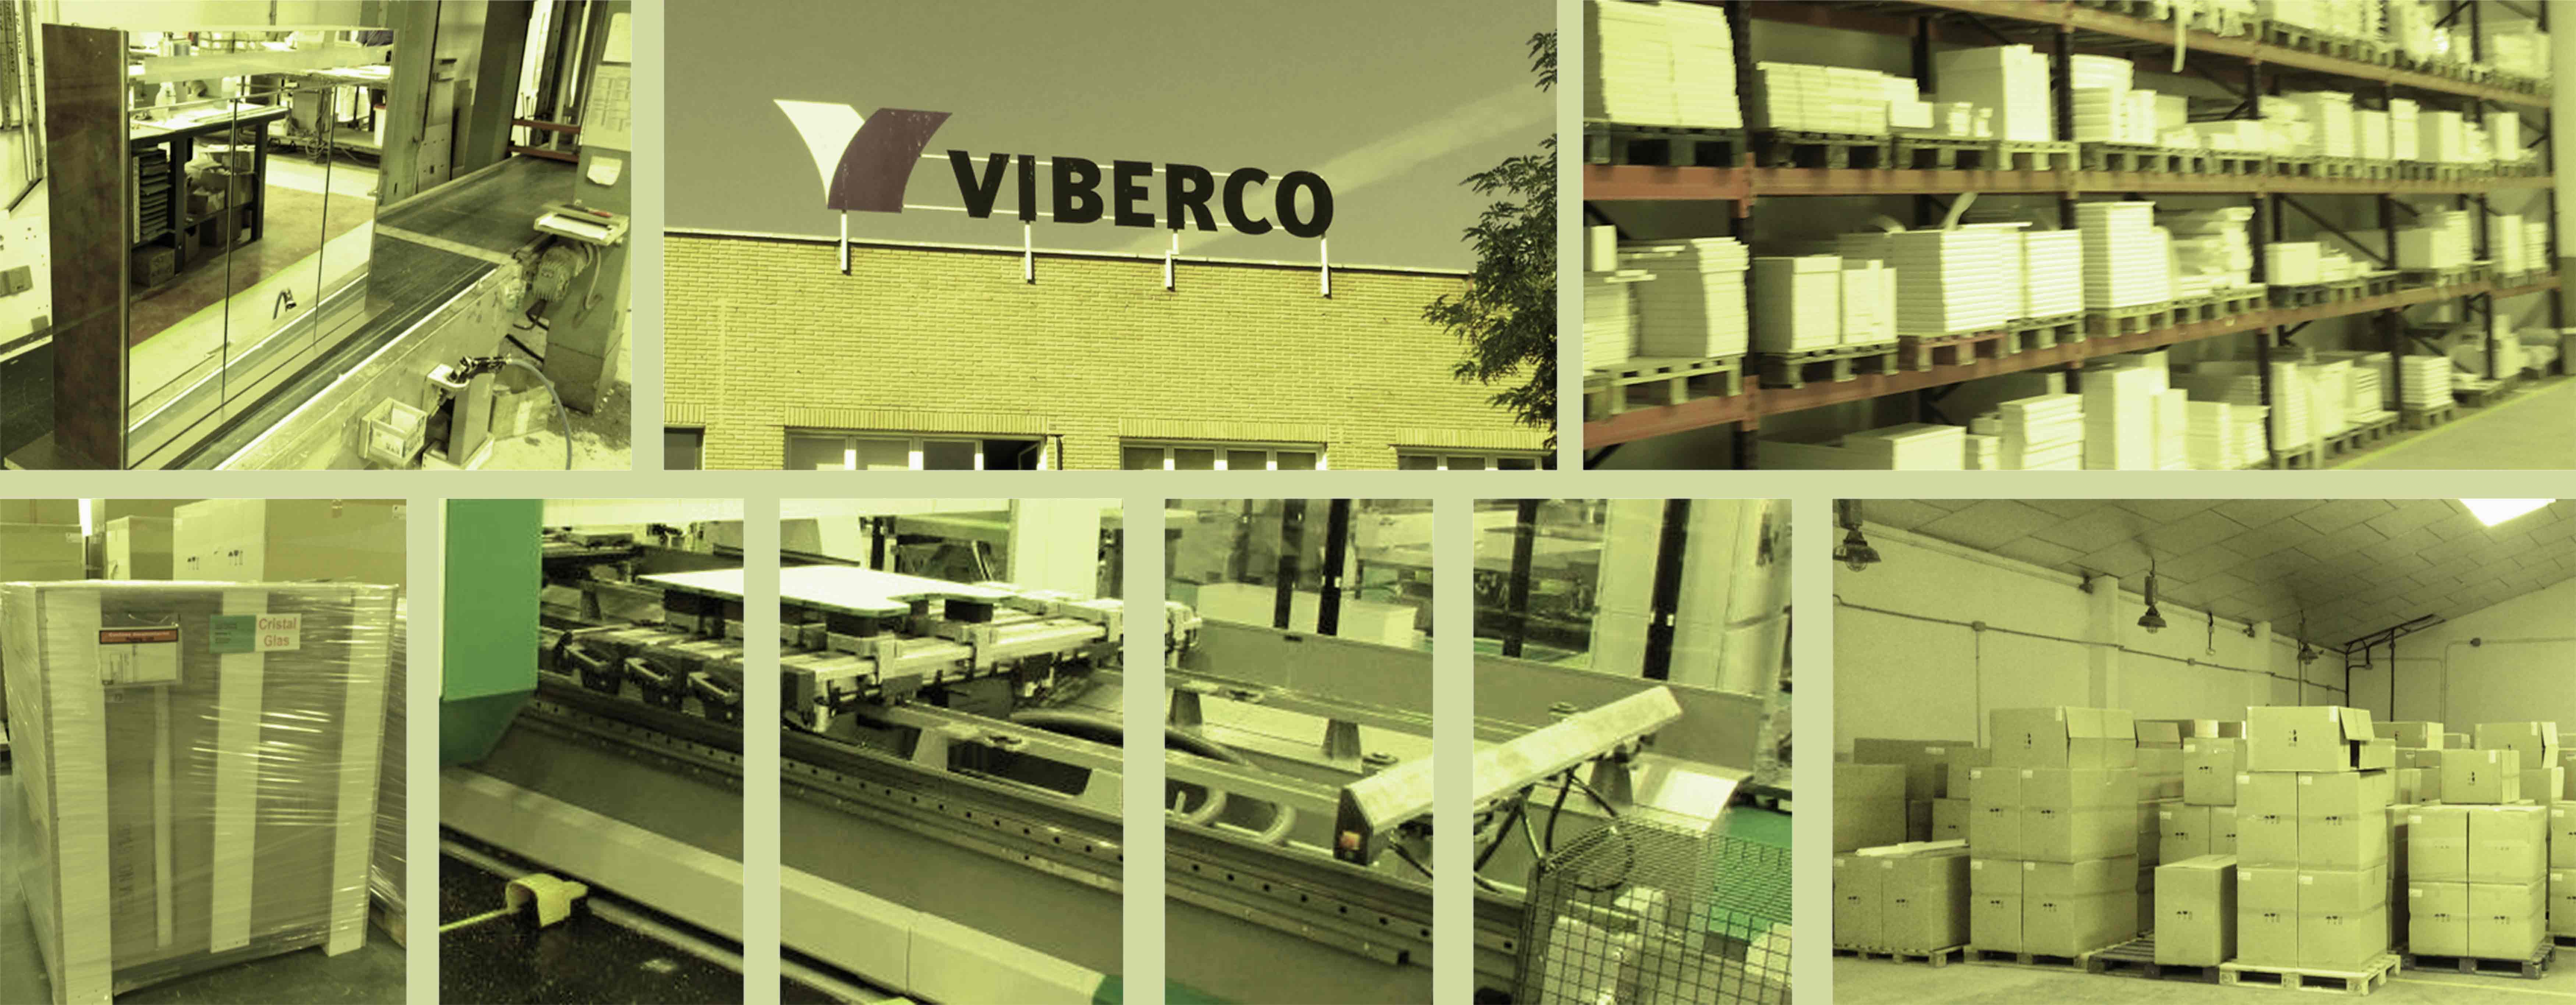 Fabrica muebles bano viberco exportacion venta fabricantes mobiliario bano bathroom badmoebel 2 - Fabrica muebles portugal ...